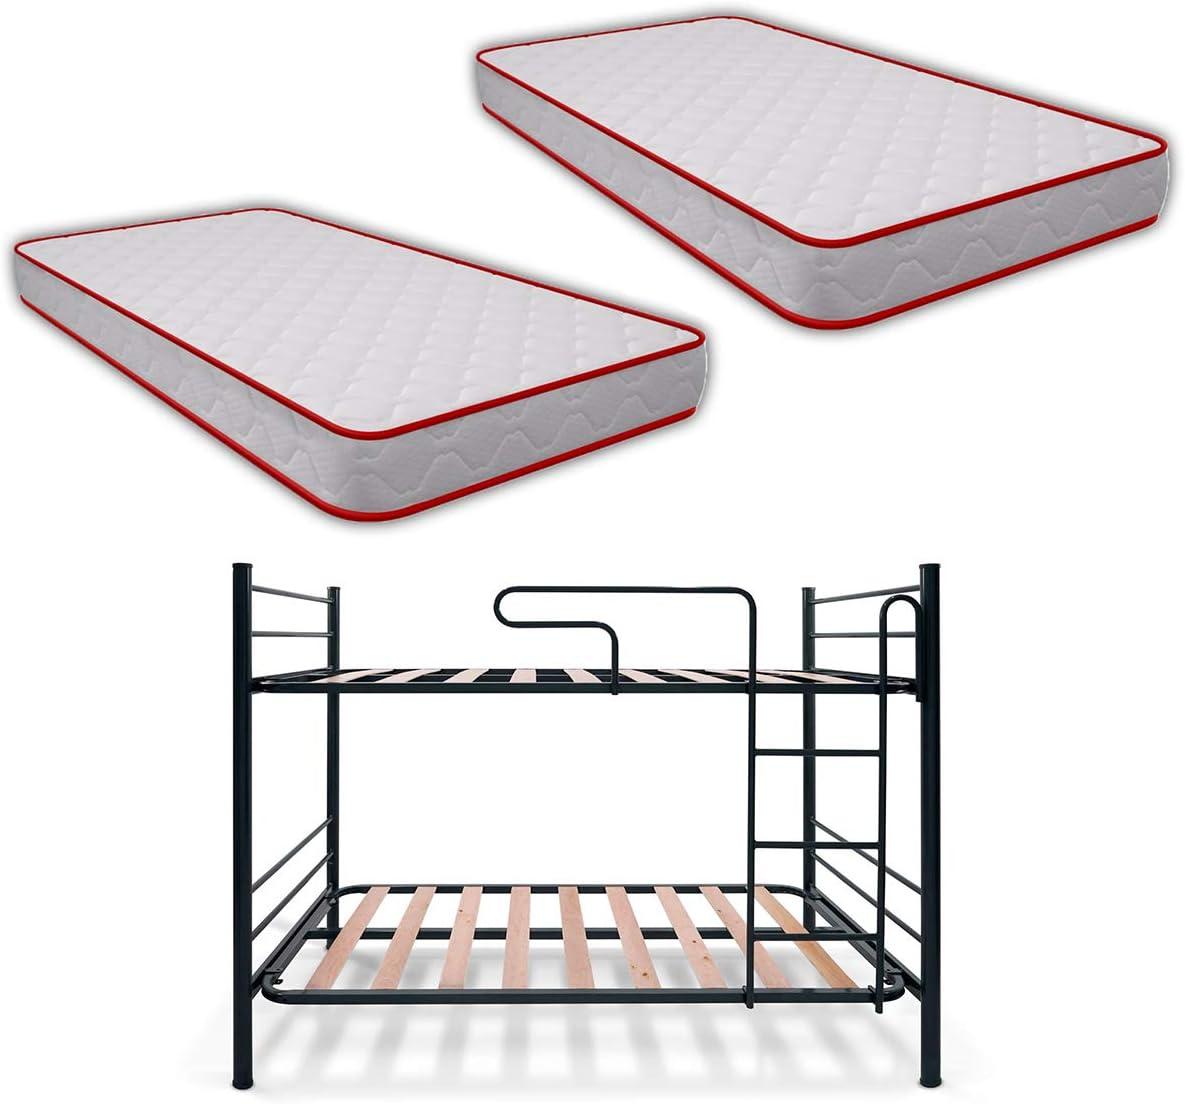 Duérmete Online - Pack Litera Metálica Junior Completa + 2 Colchones Vale Reversible, Gris, 90x190